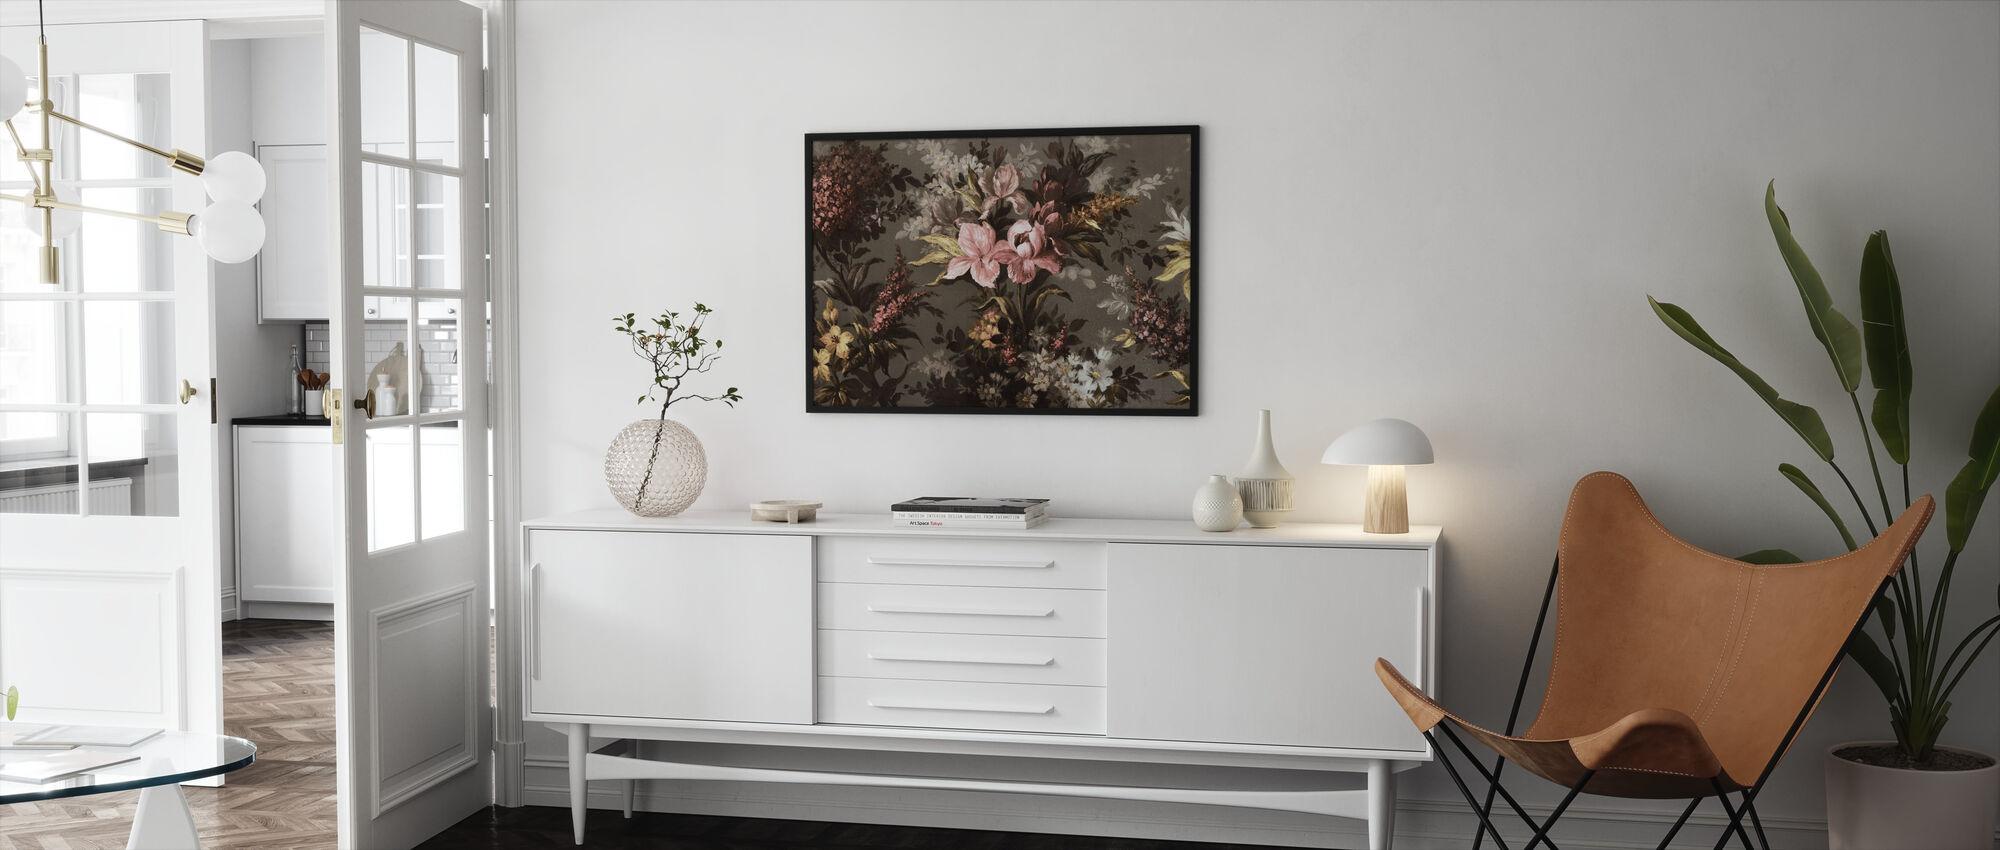 Boheme Flowering - Framed print - Living Room